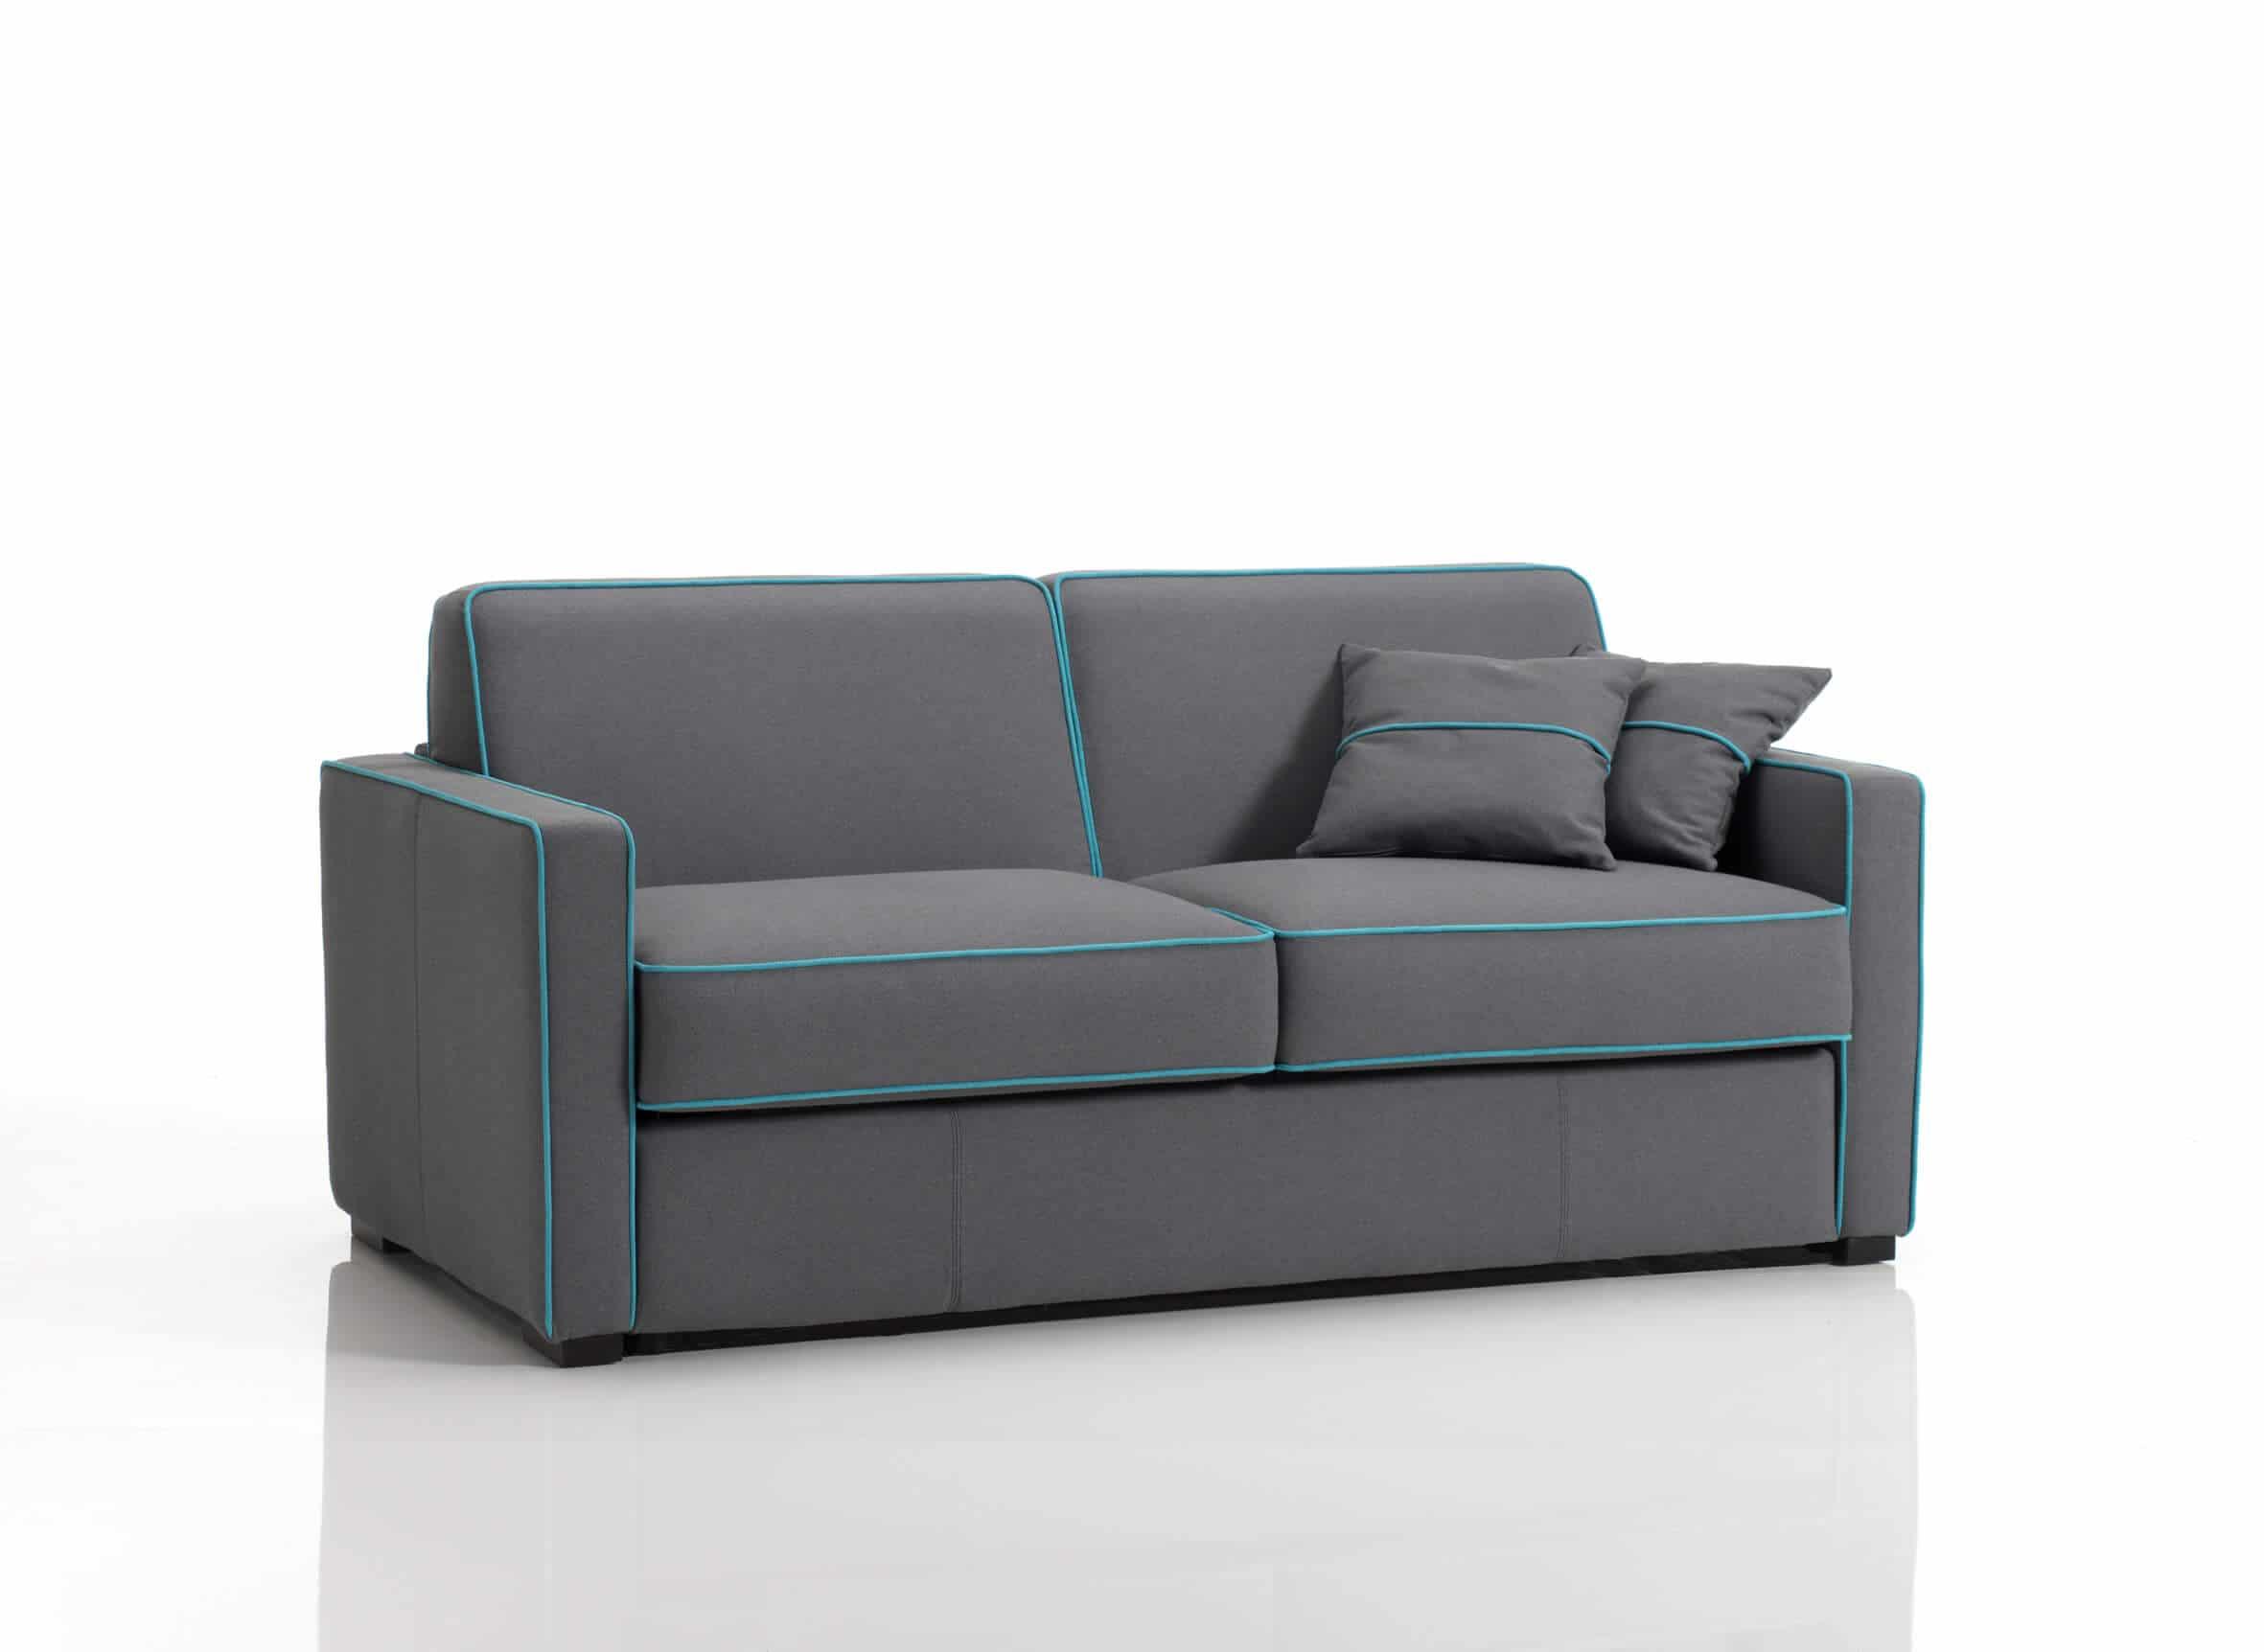 Divano letto modello stilo arredamento zona giorno divani - Letto a divano ...